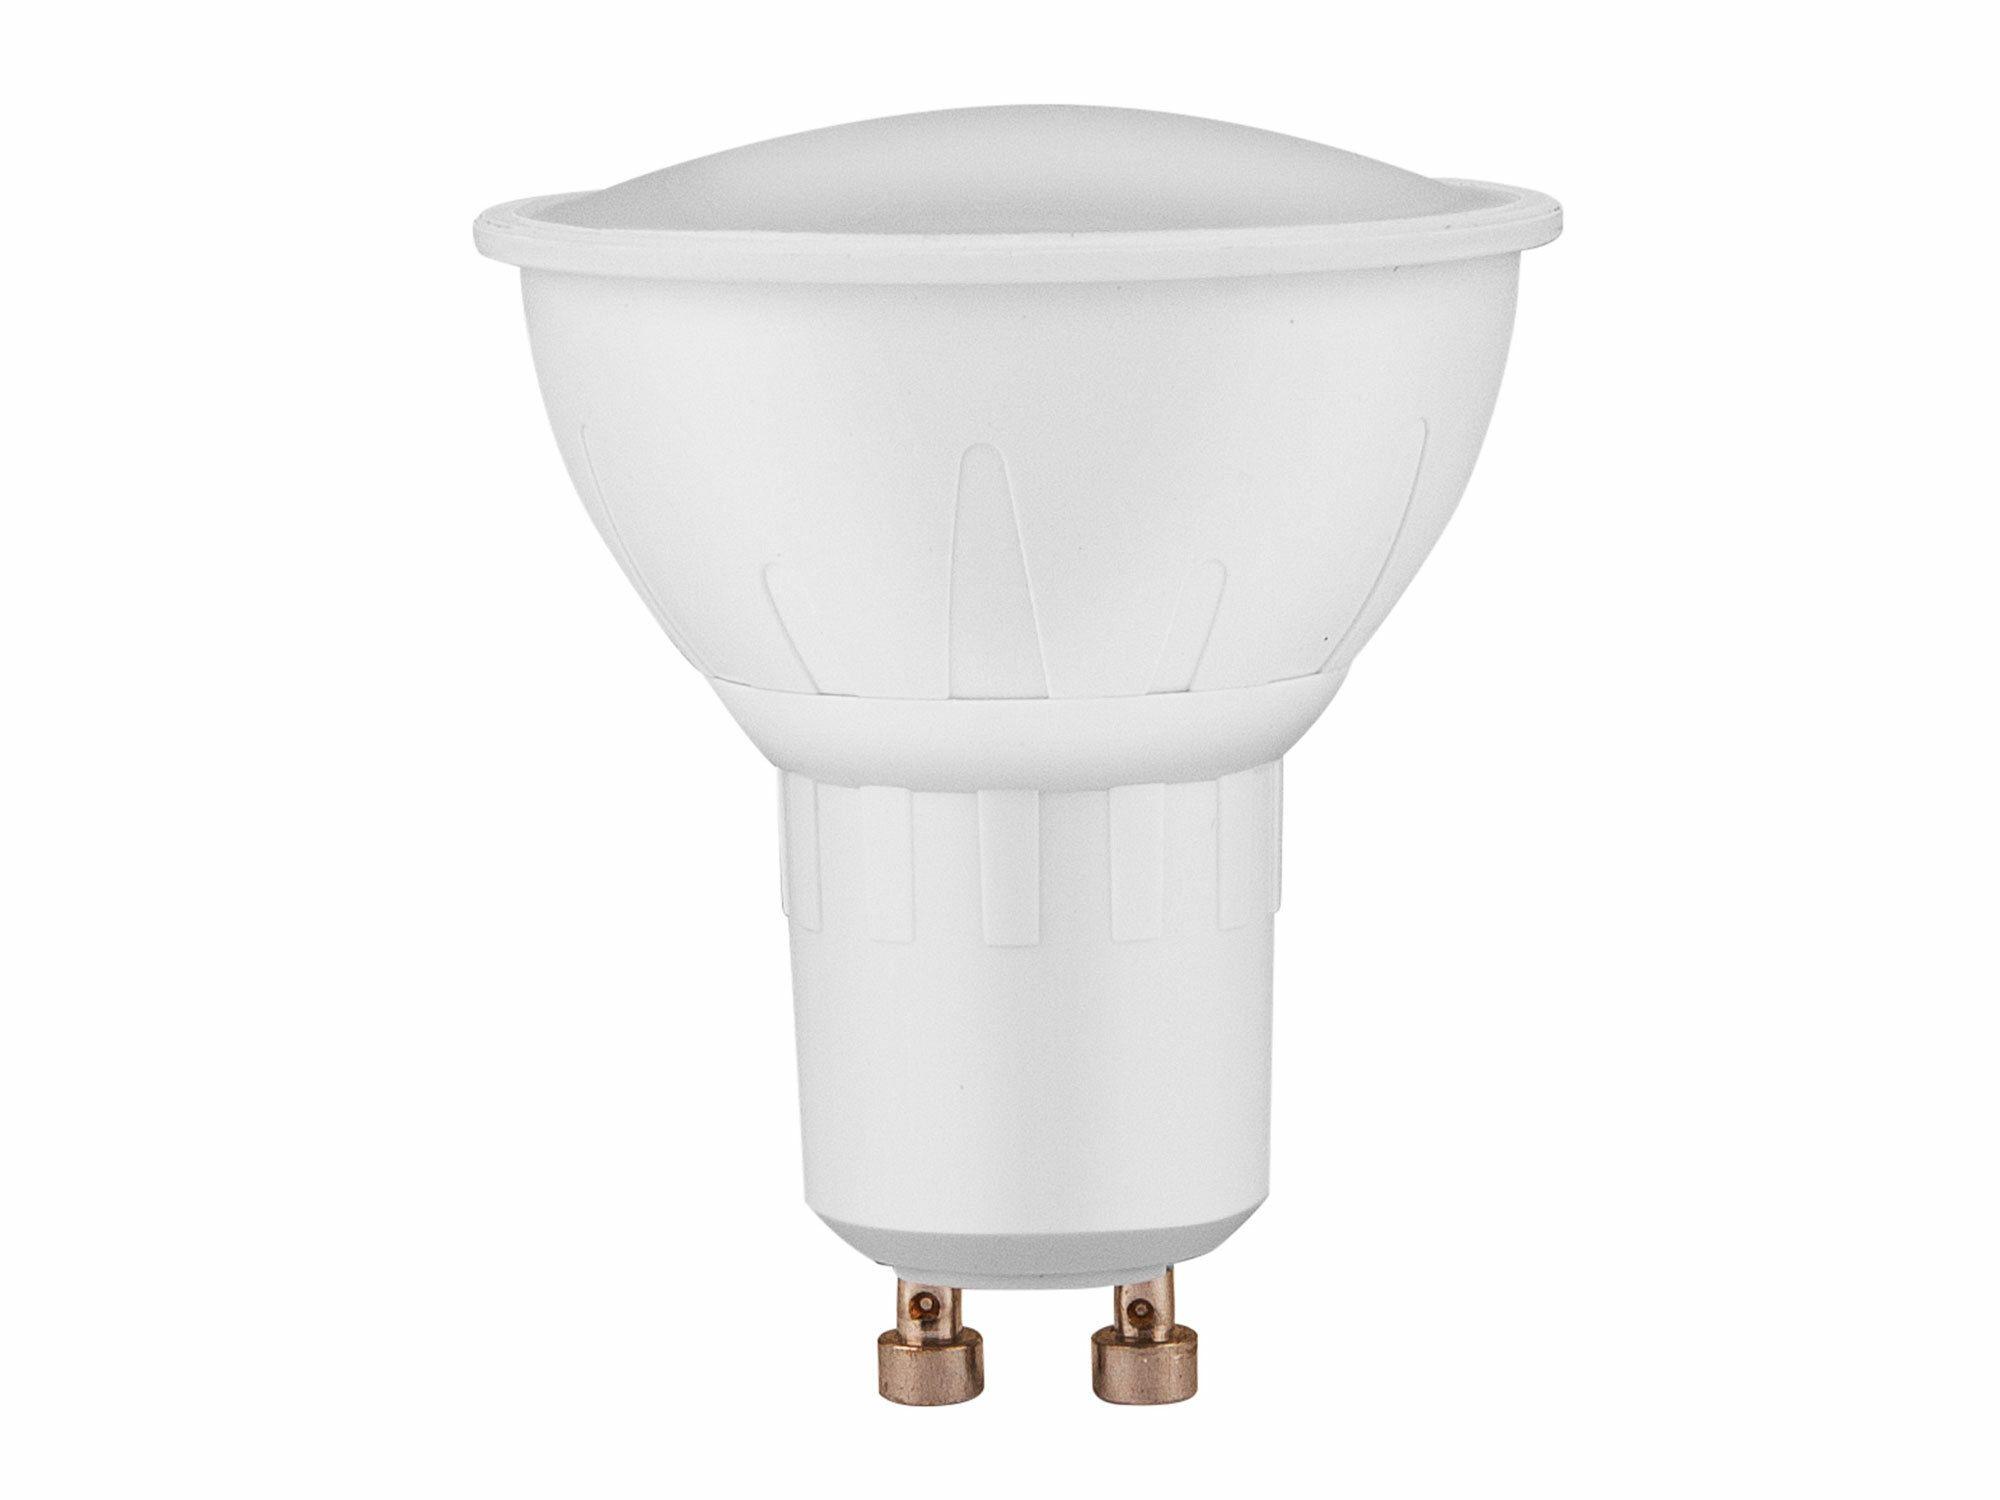 Fotografie Žárovka LED reflektorová, 4W, 320lm, GU10, teplá bílá EXTOL-LIGHT